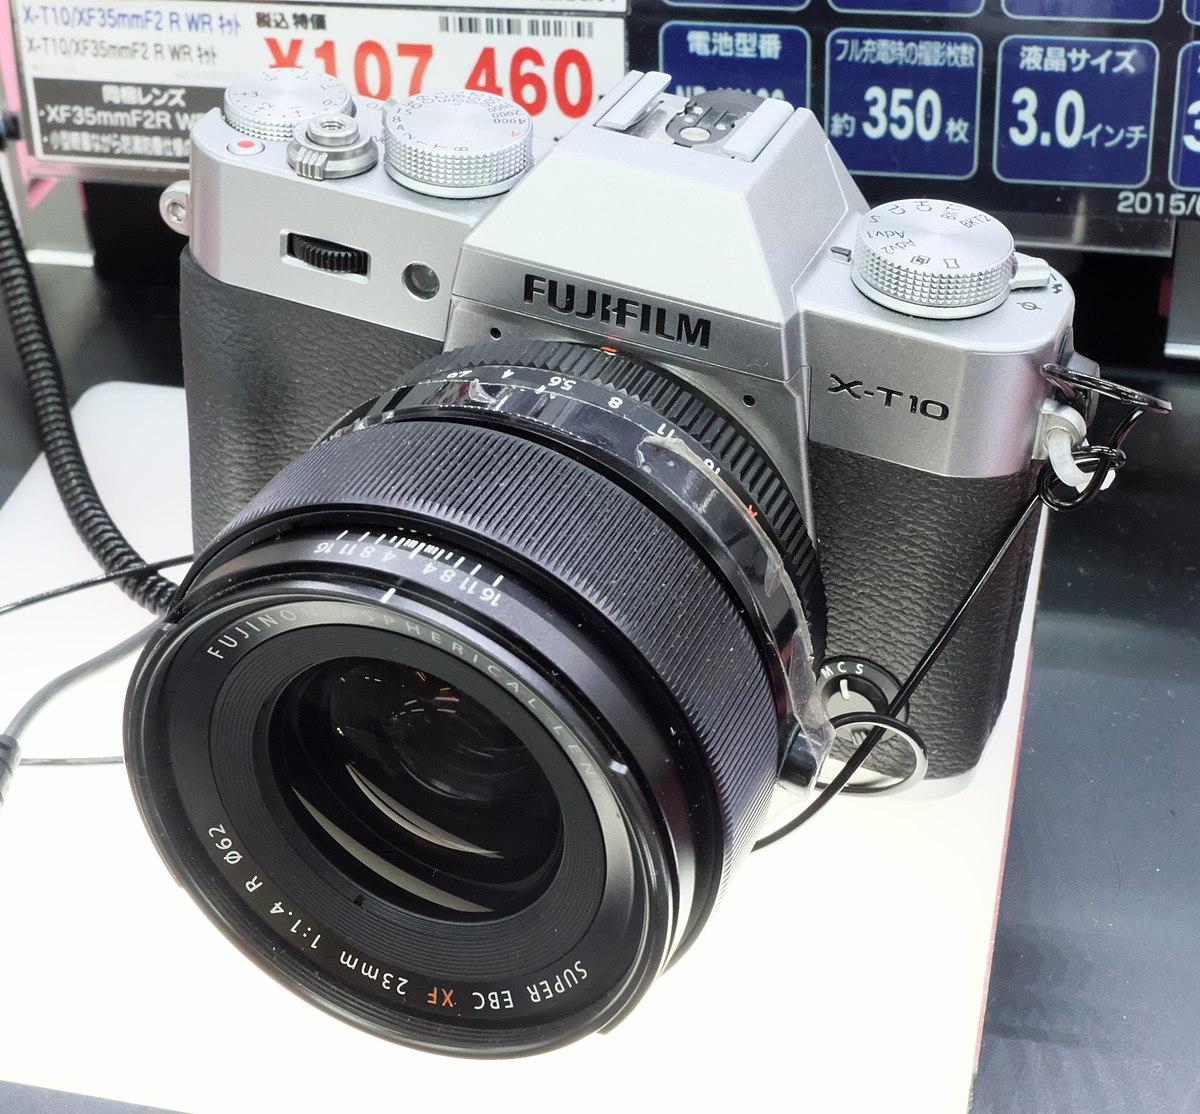 Fujifilm X T10 Wikipedia T100 Body Xf35mm F2 Black Kamera Mirrorless